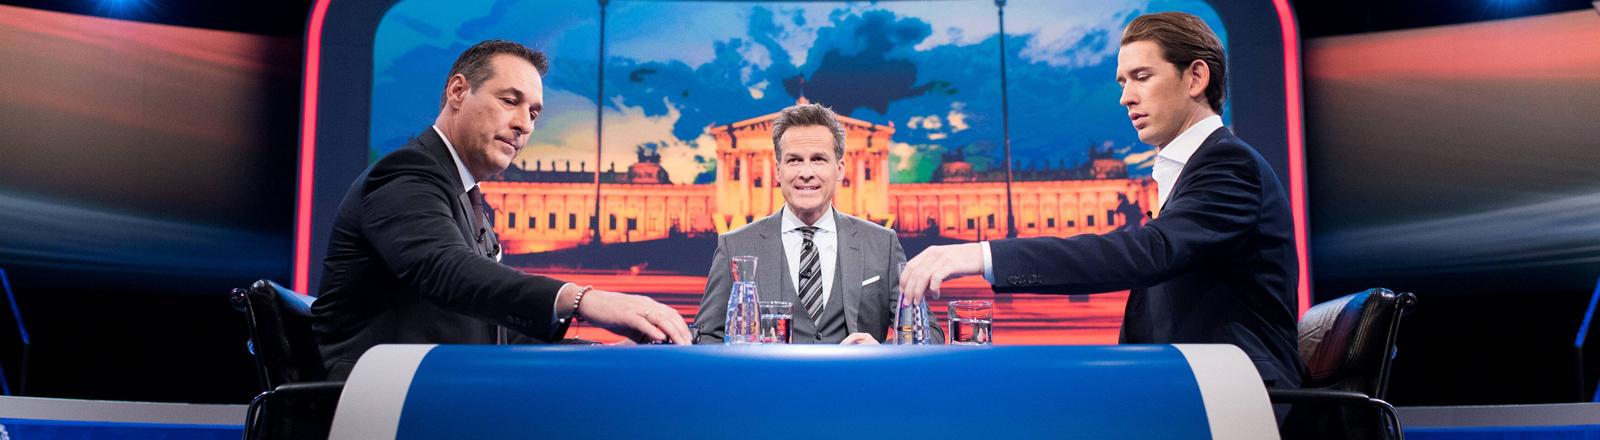 TV-Duell in Österreich mit Heinz-Christian Strache (FPÖ) und Sebastian Kurz (ÖVP)